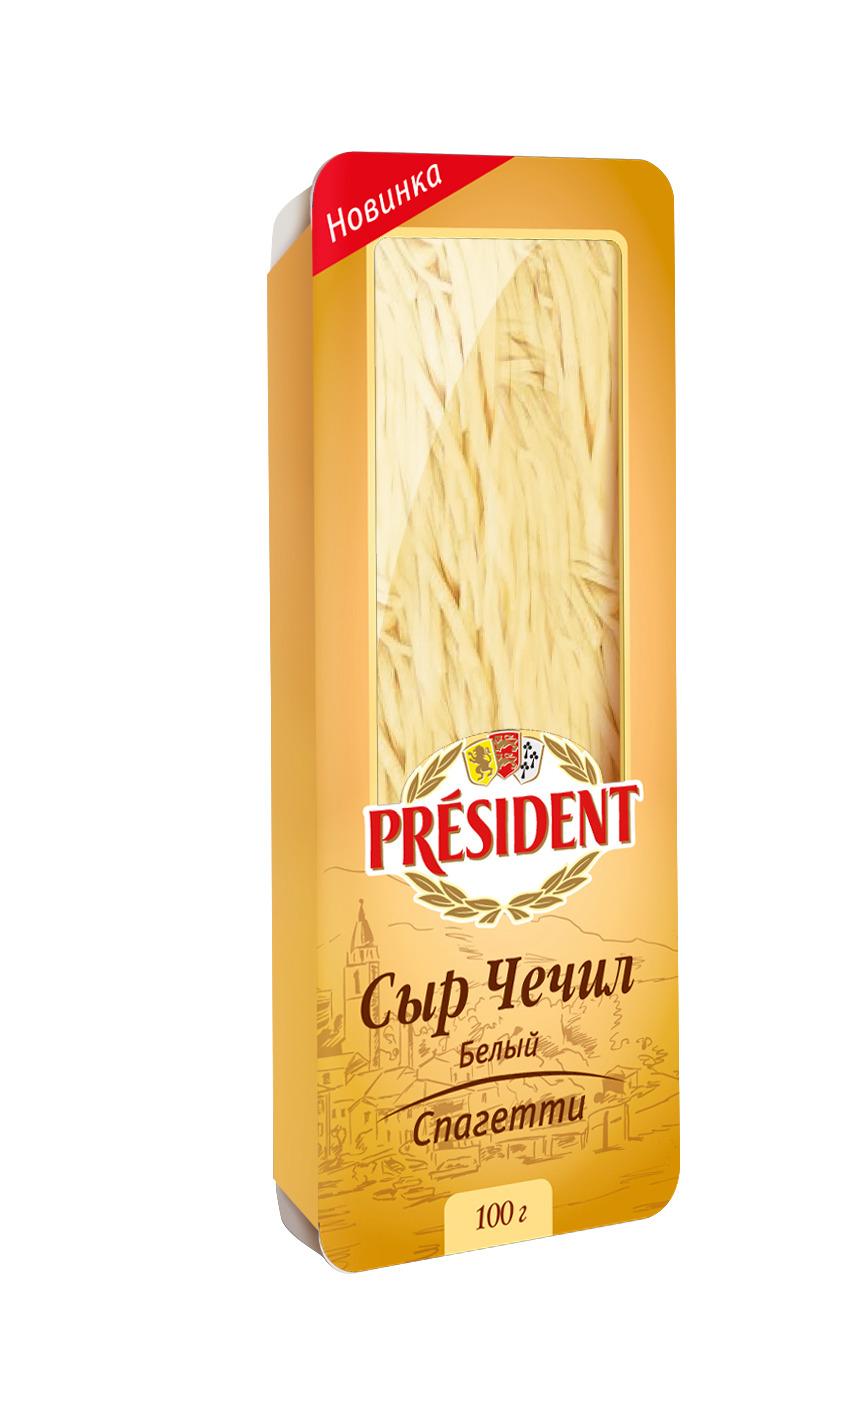 Президент БЗМЖ Сыр Чечил белый спагетти 35% President